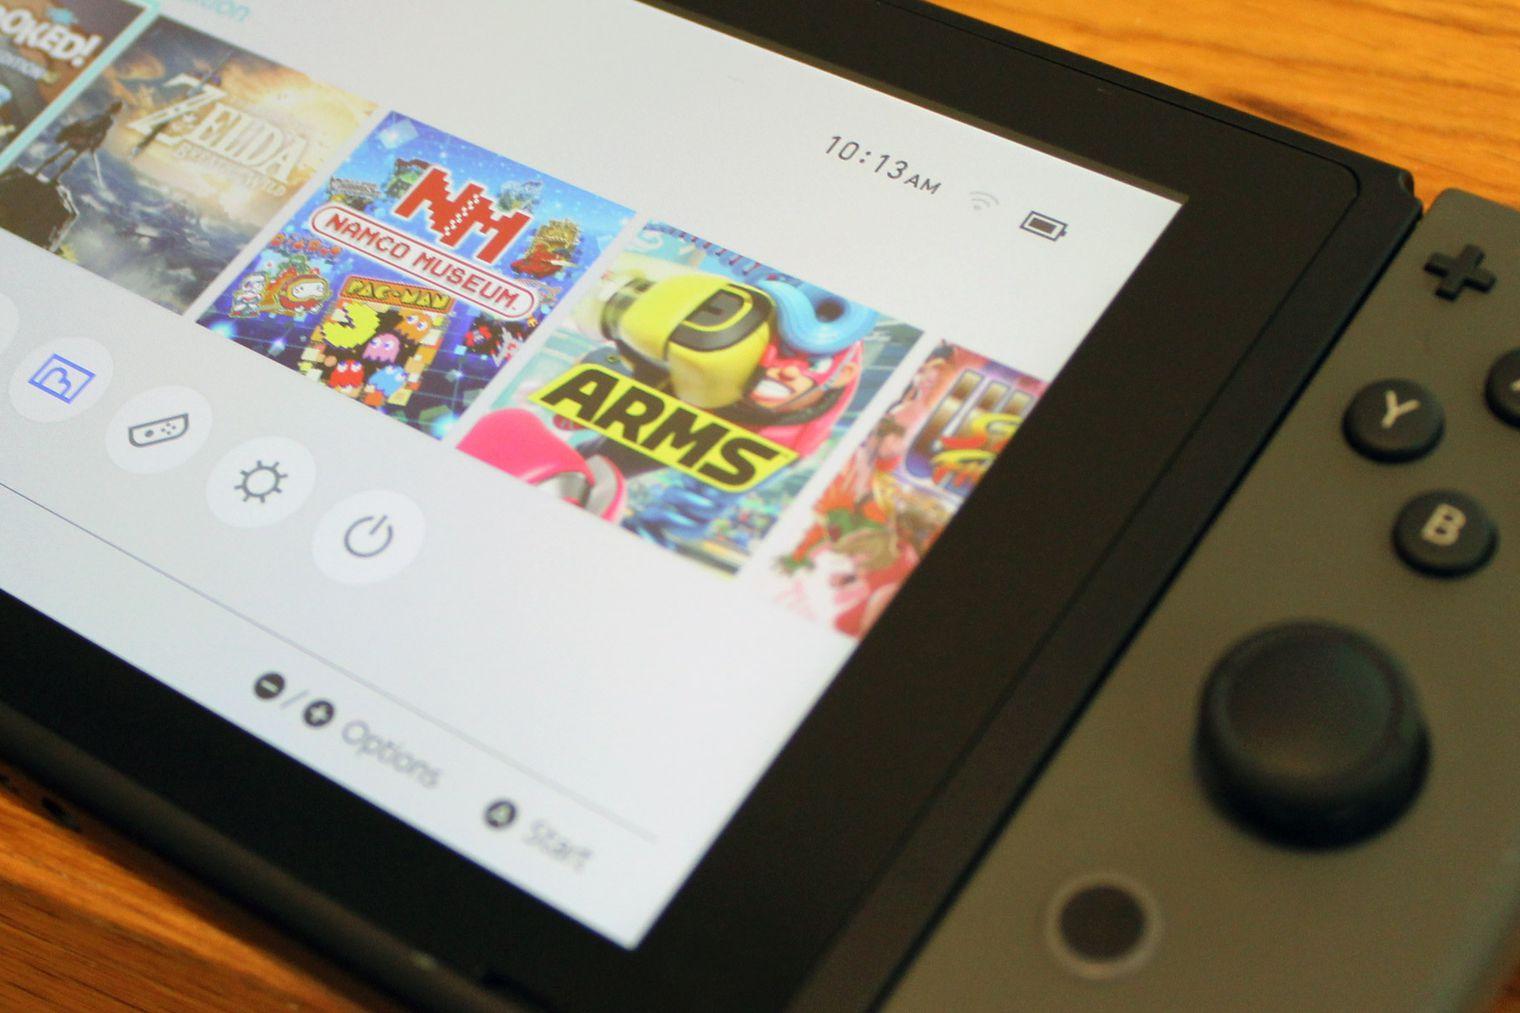 Nintendo Switch con OLED da 7 pollici quest'anno?